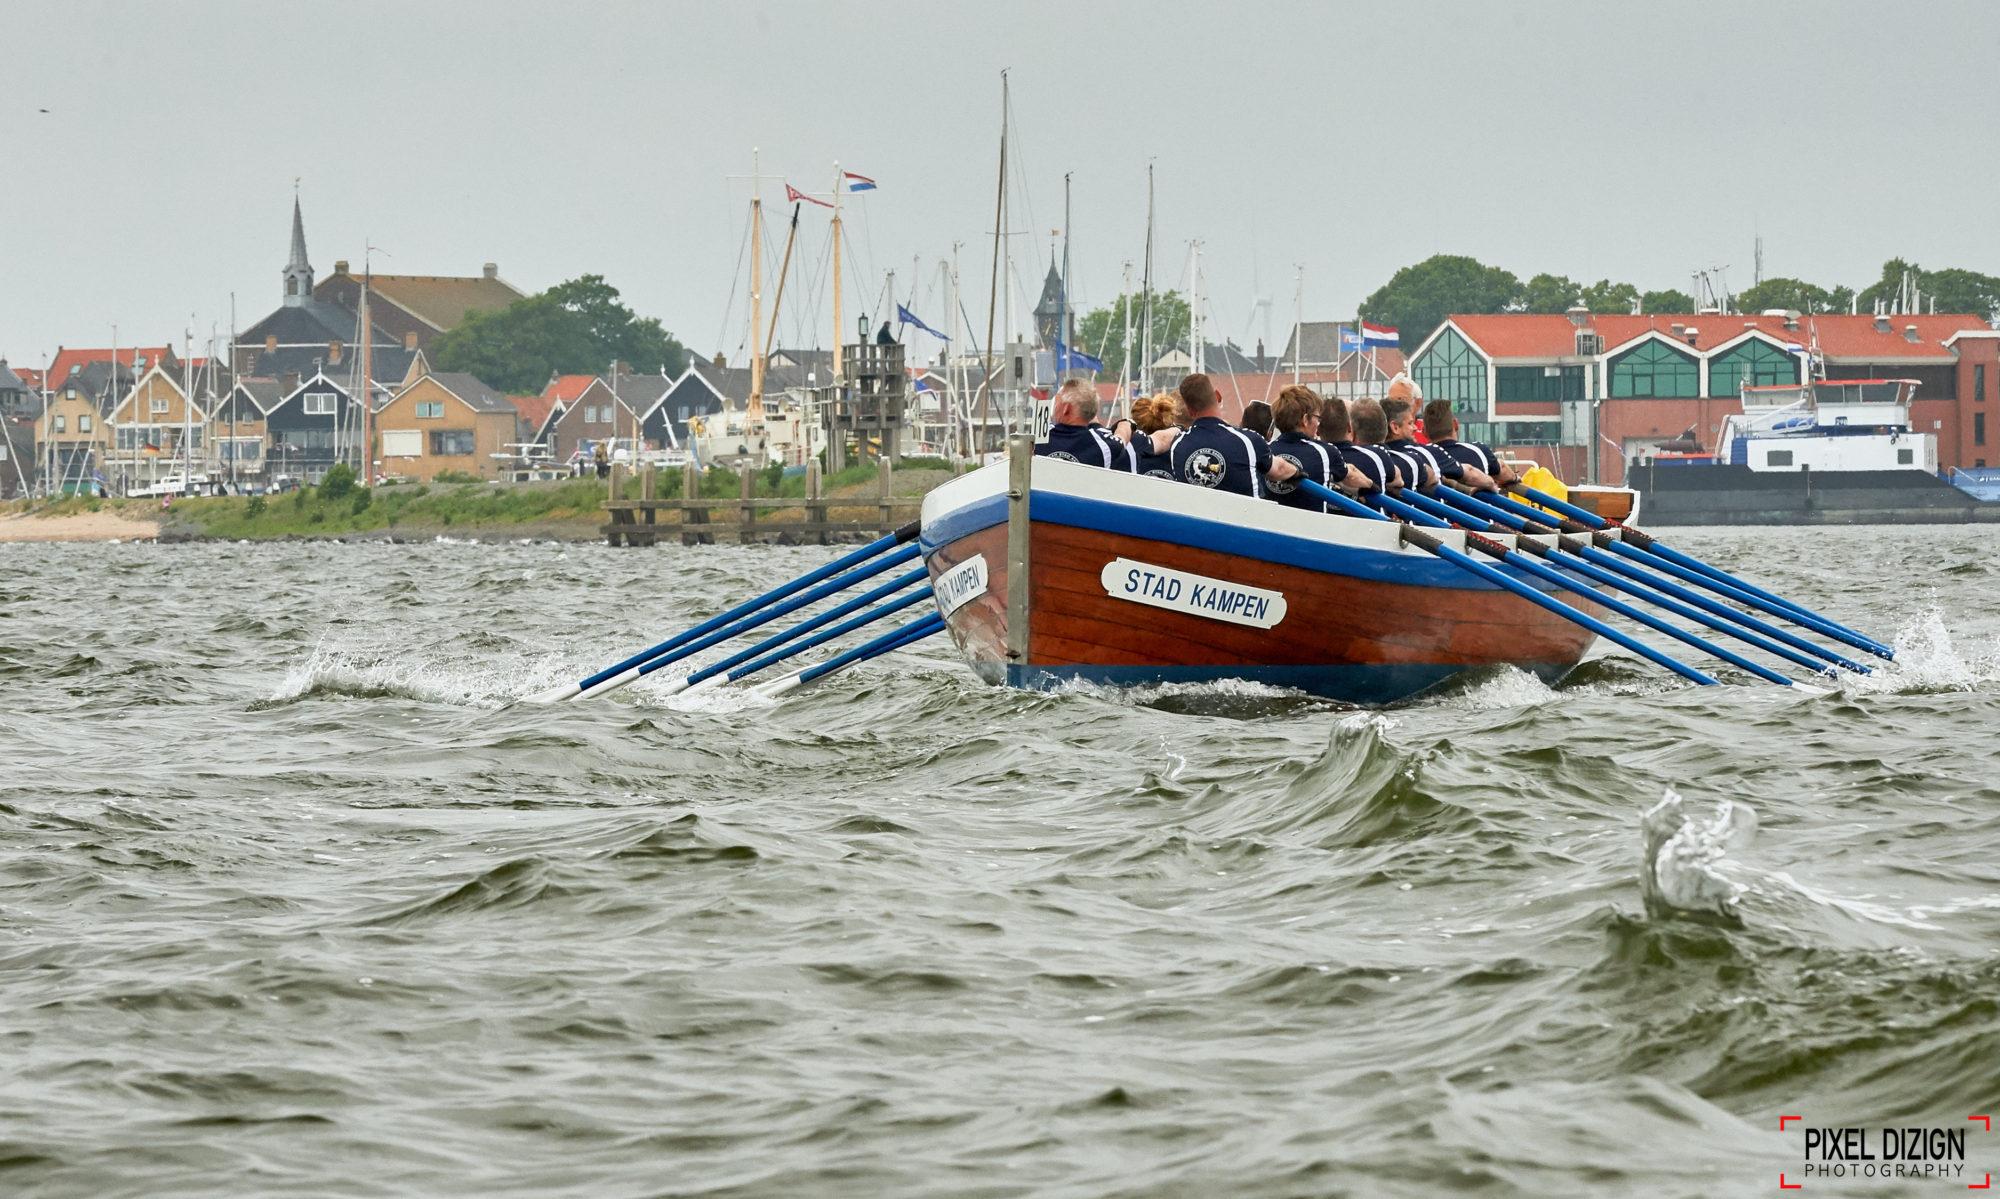 Vuurtoren Race